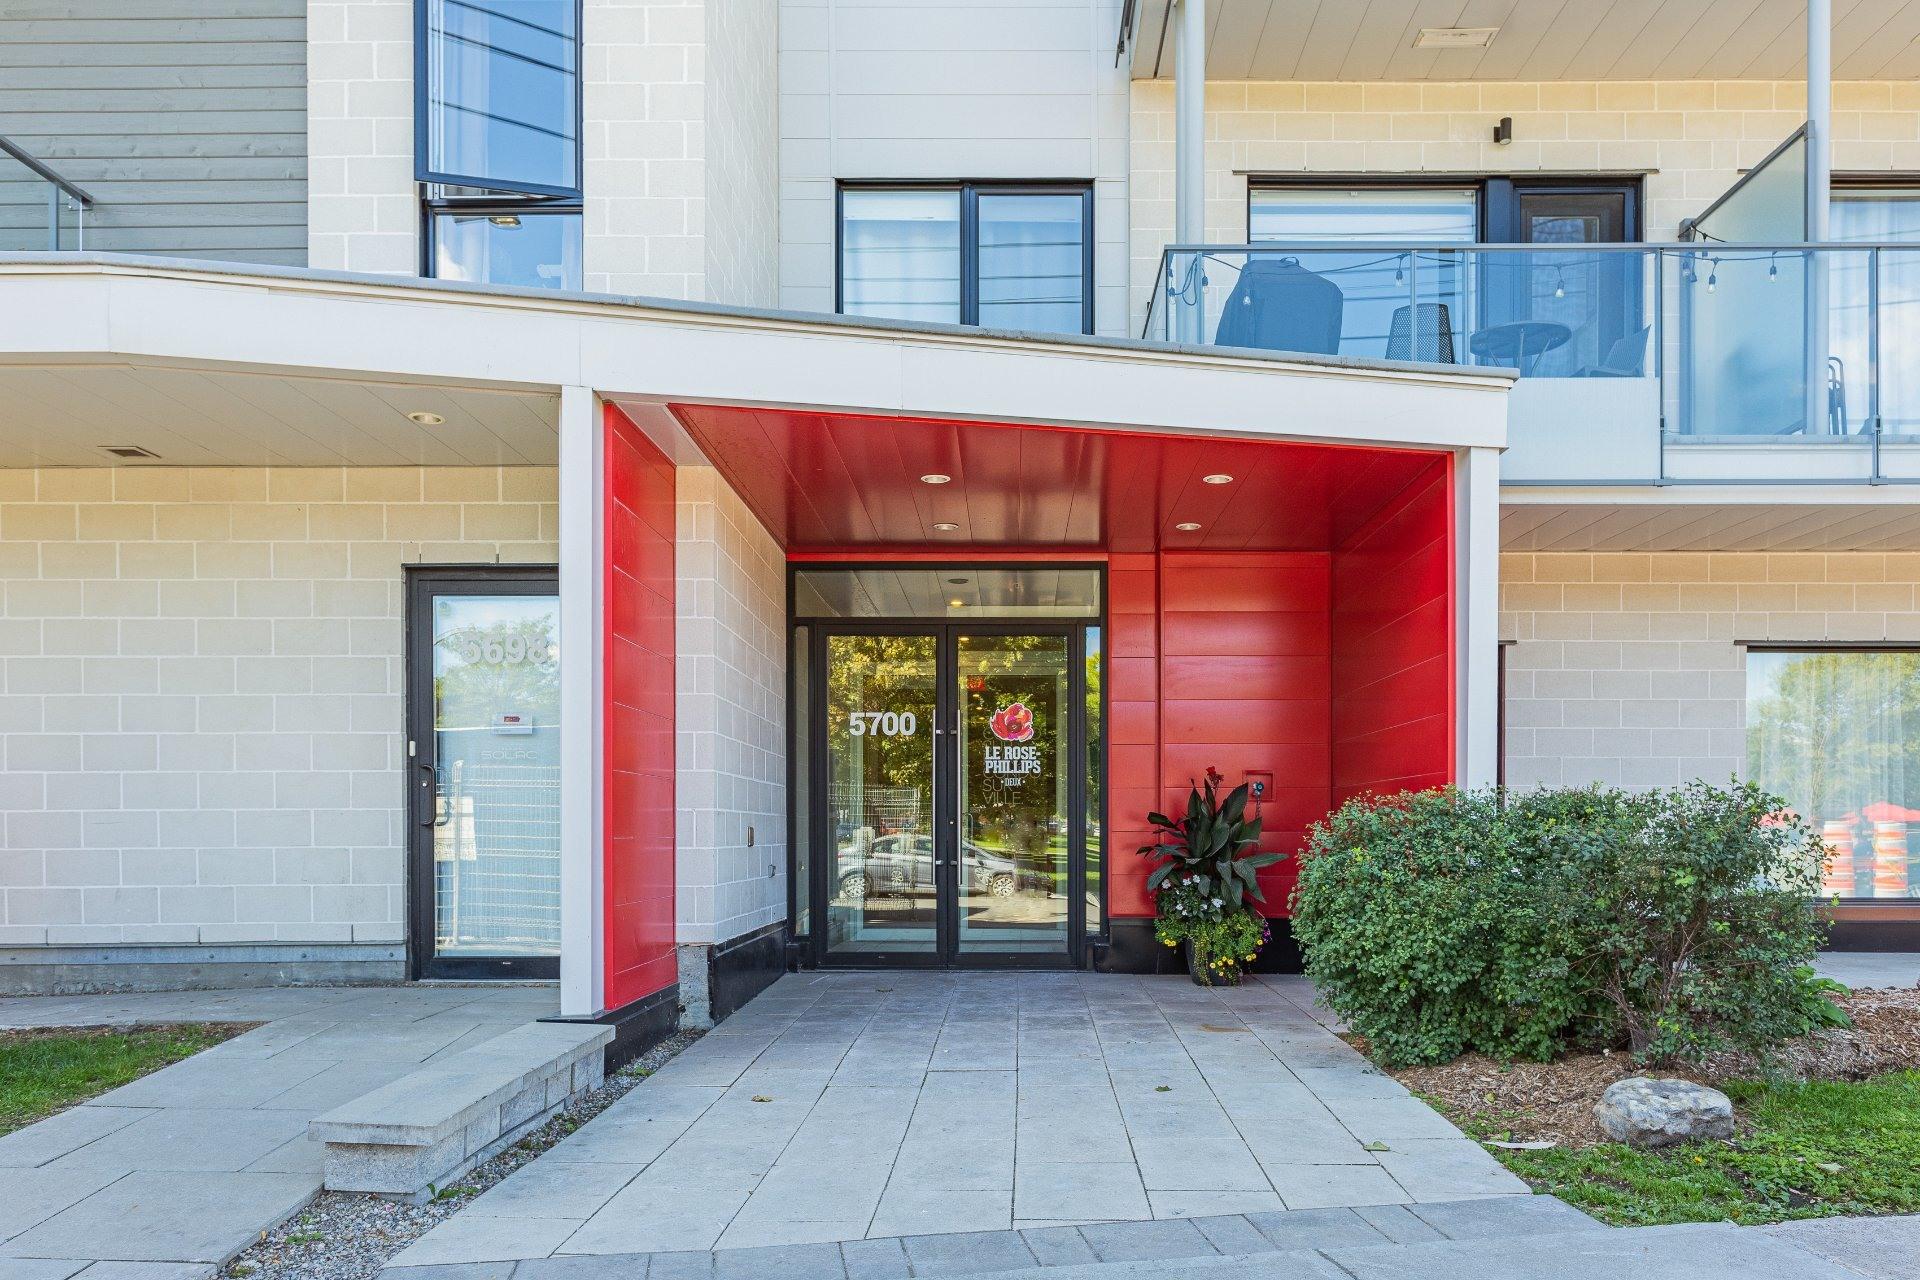 image 2 - Appartement À louer Rosemont/La Petite-Patrie Montréal  - 8 pièces